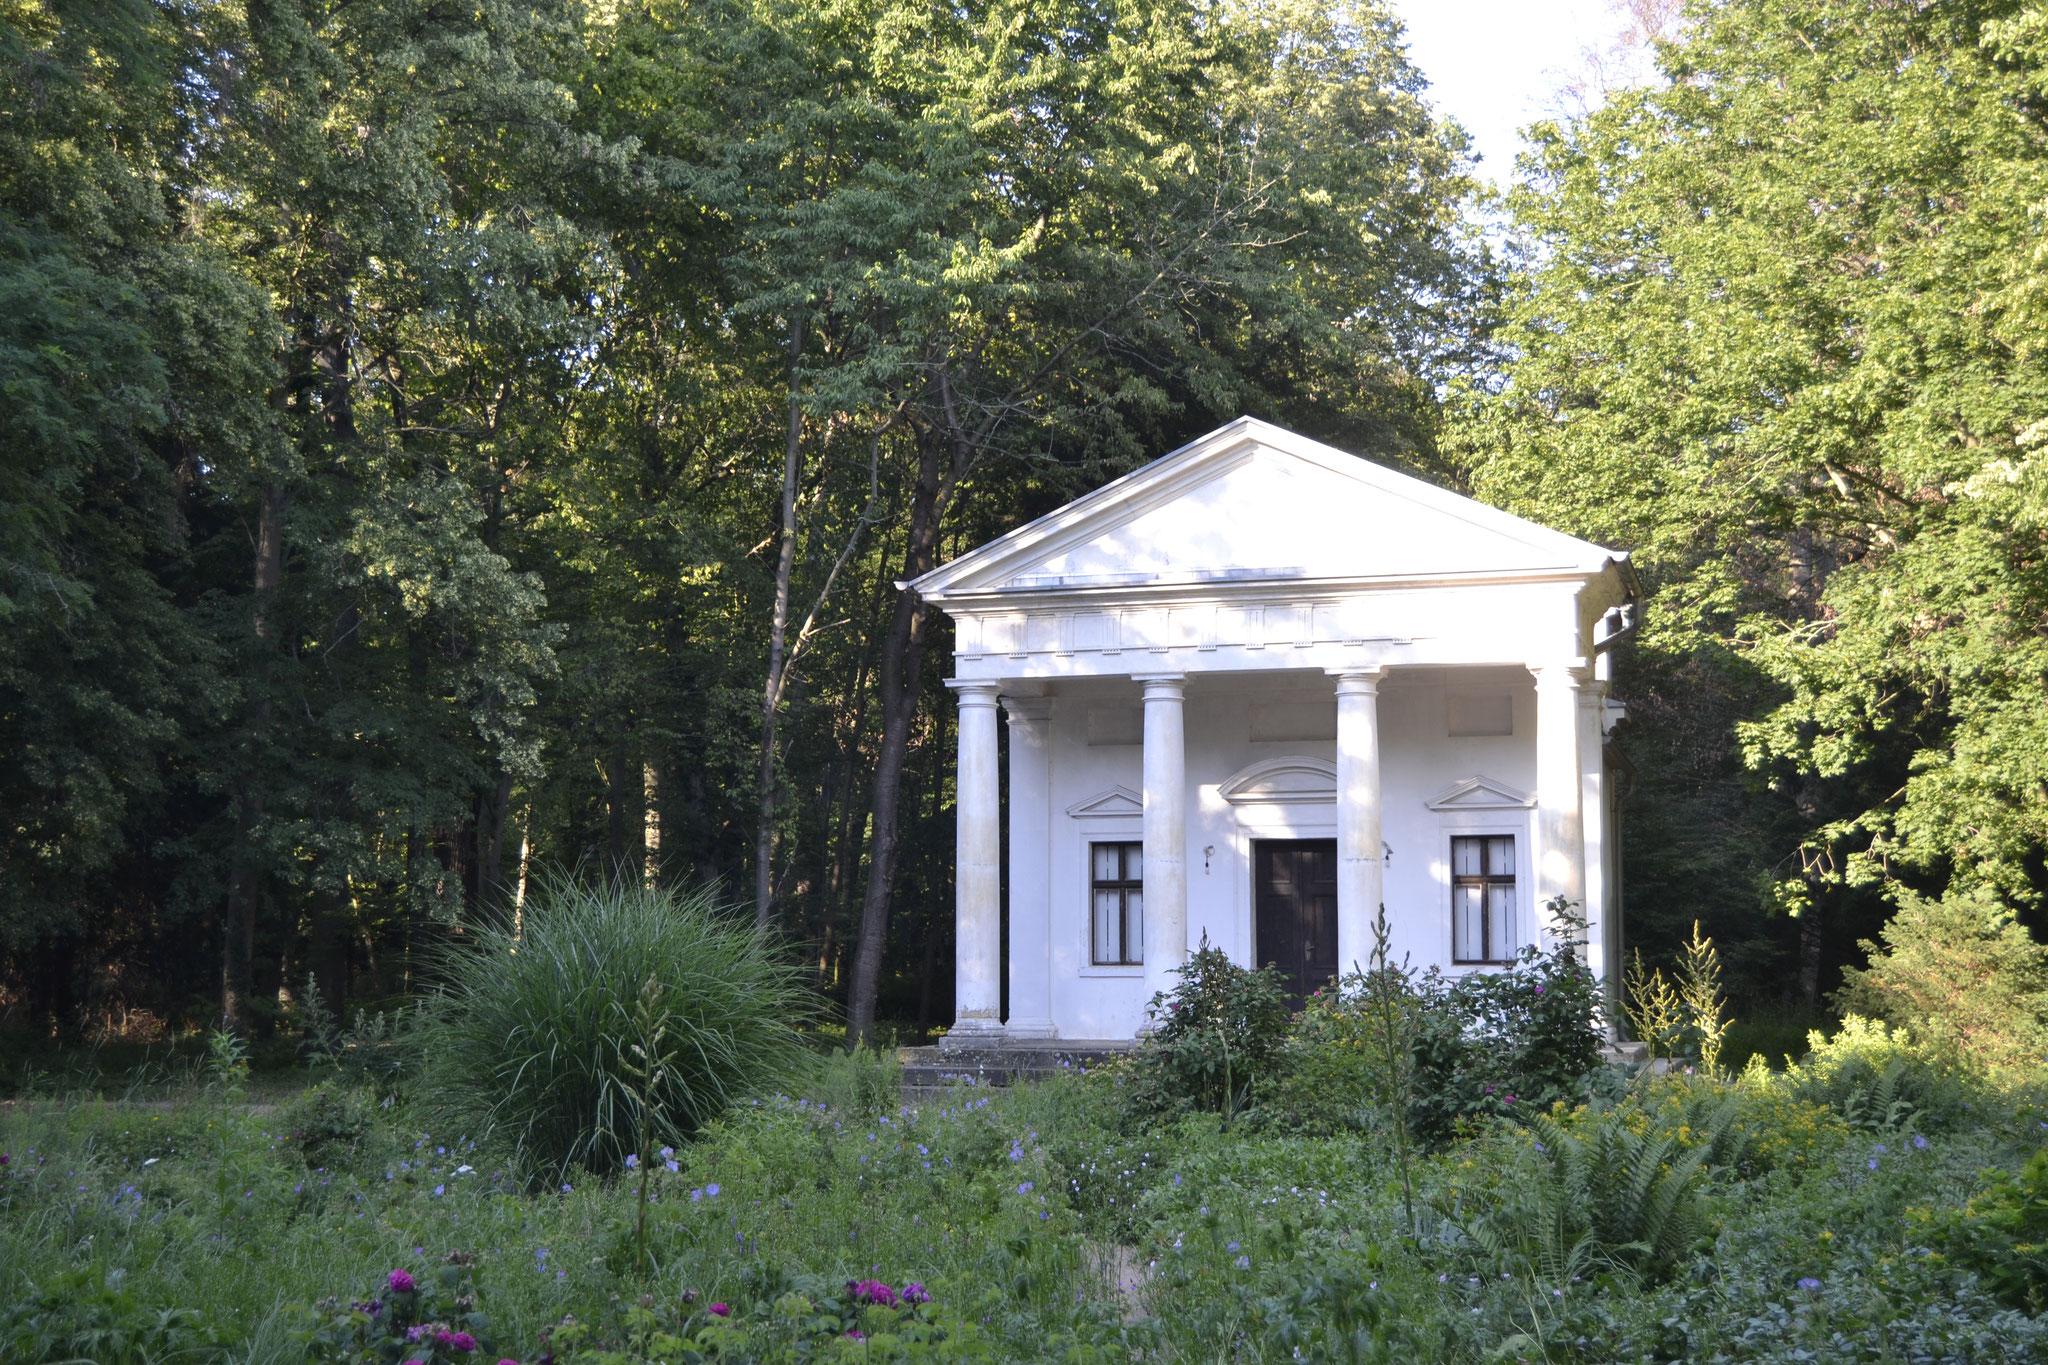 Blumengartenhaus